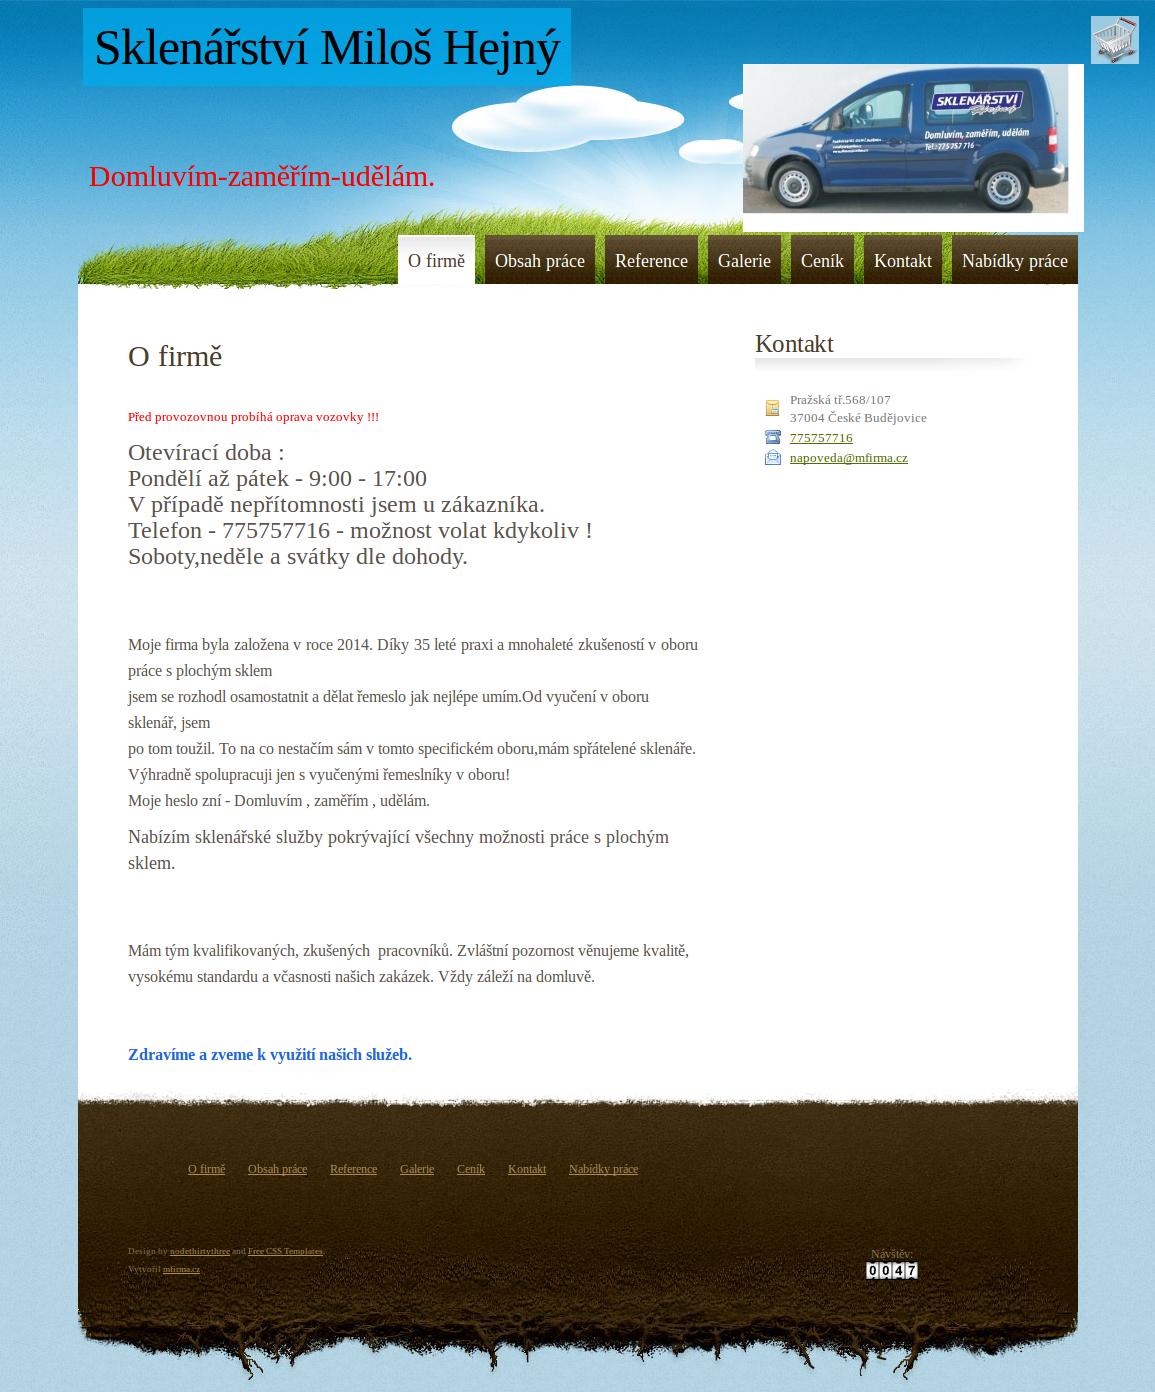 Ukázková webová stránka - Sklenářství Miloš Hejný